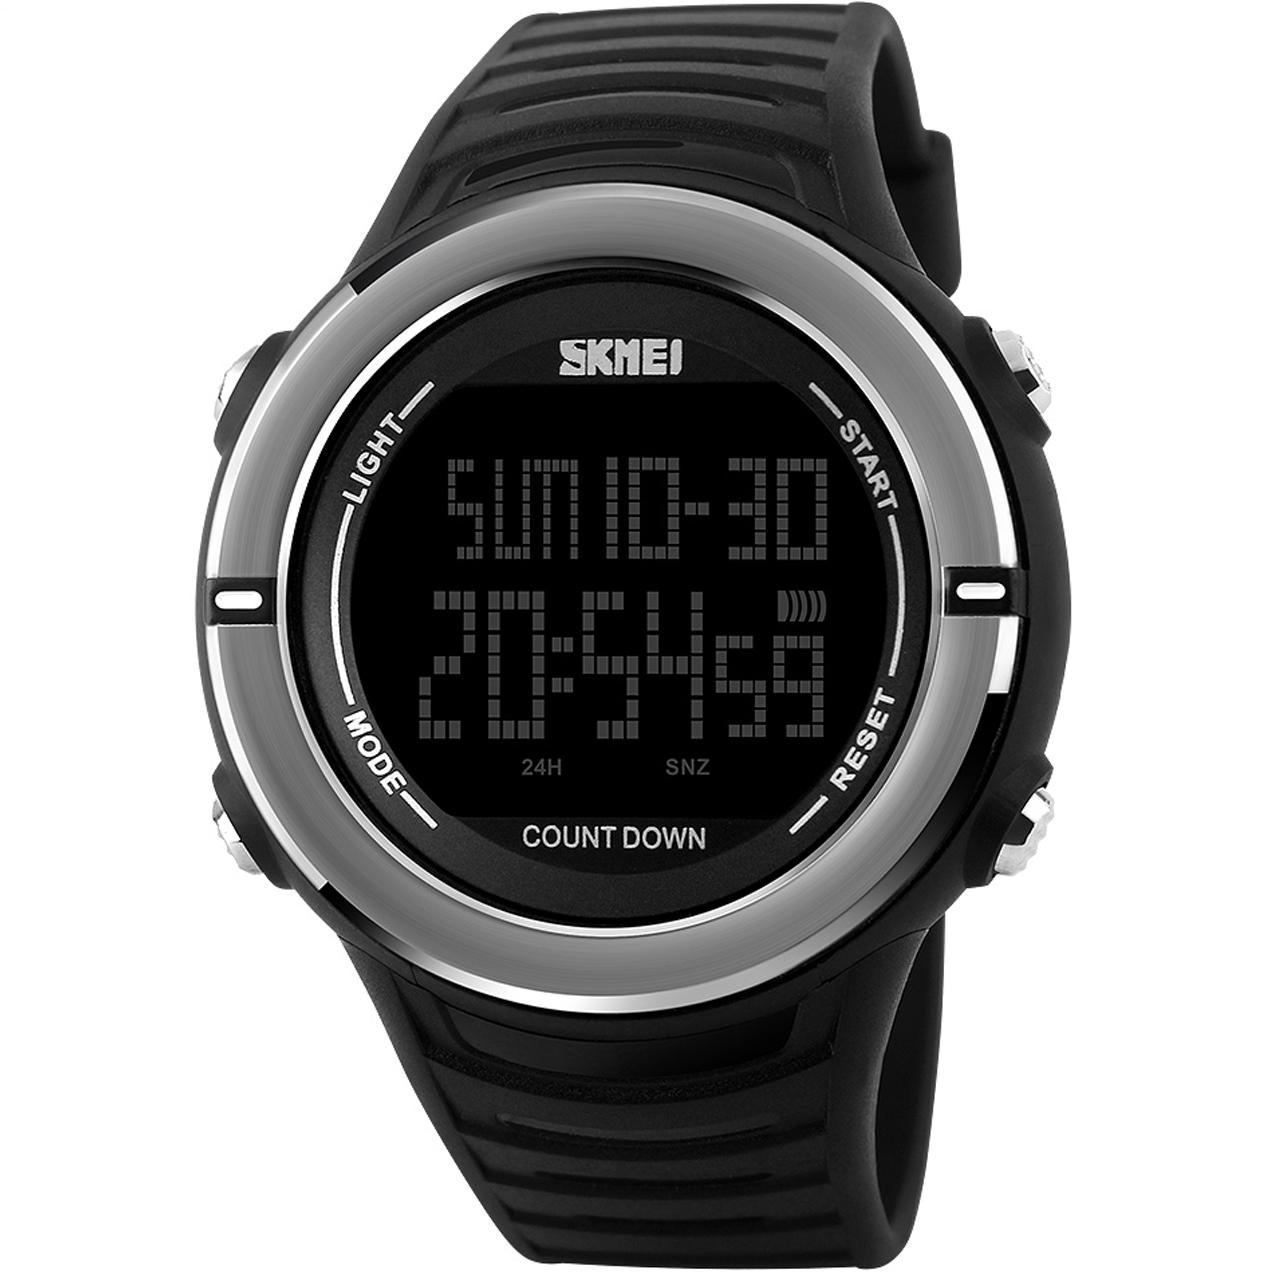 ساعت مچی دیجیتال مردانه اسکمی مدل 1209M 6